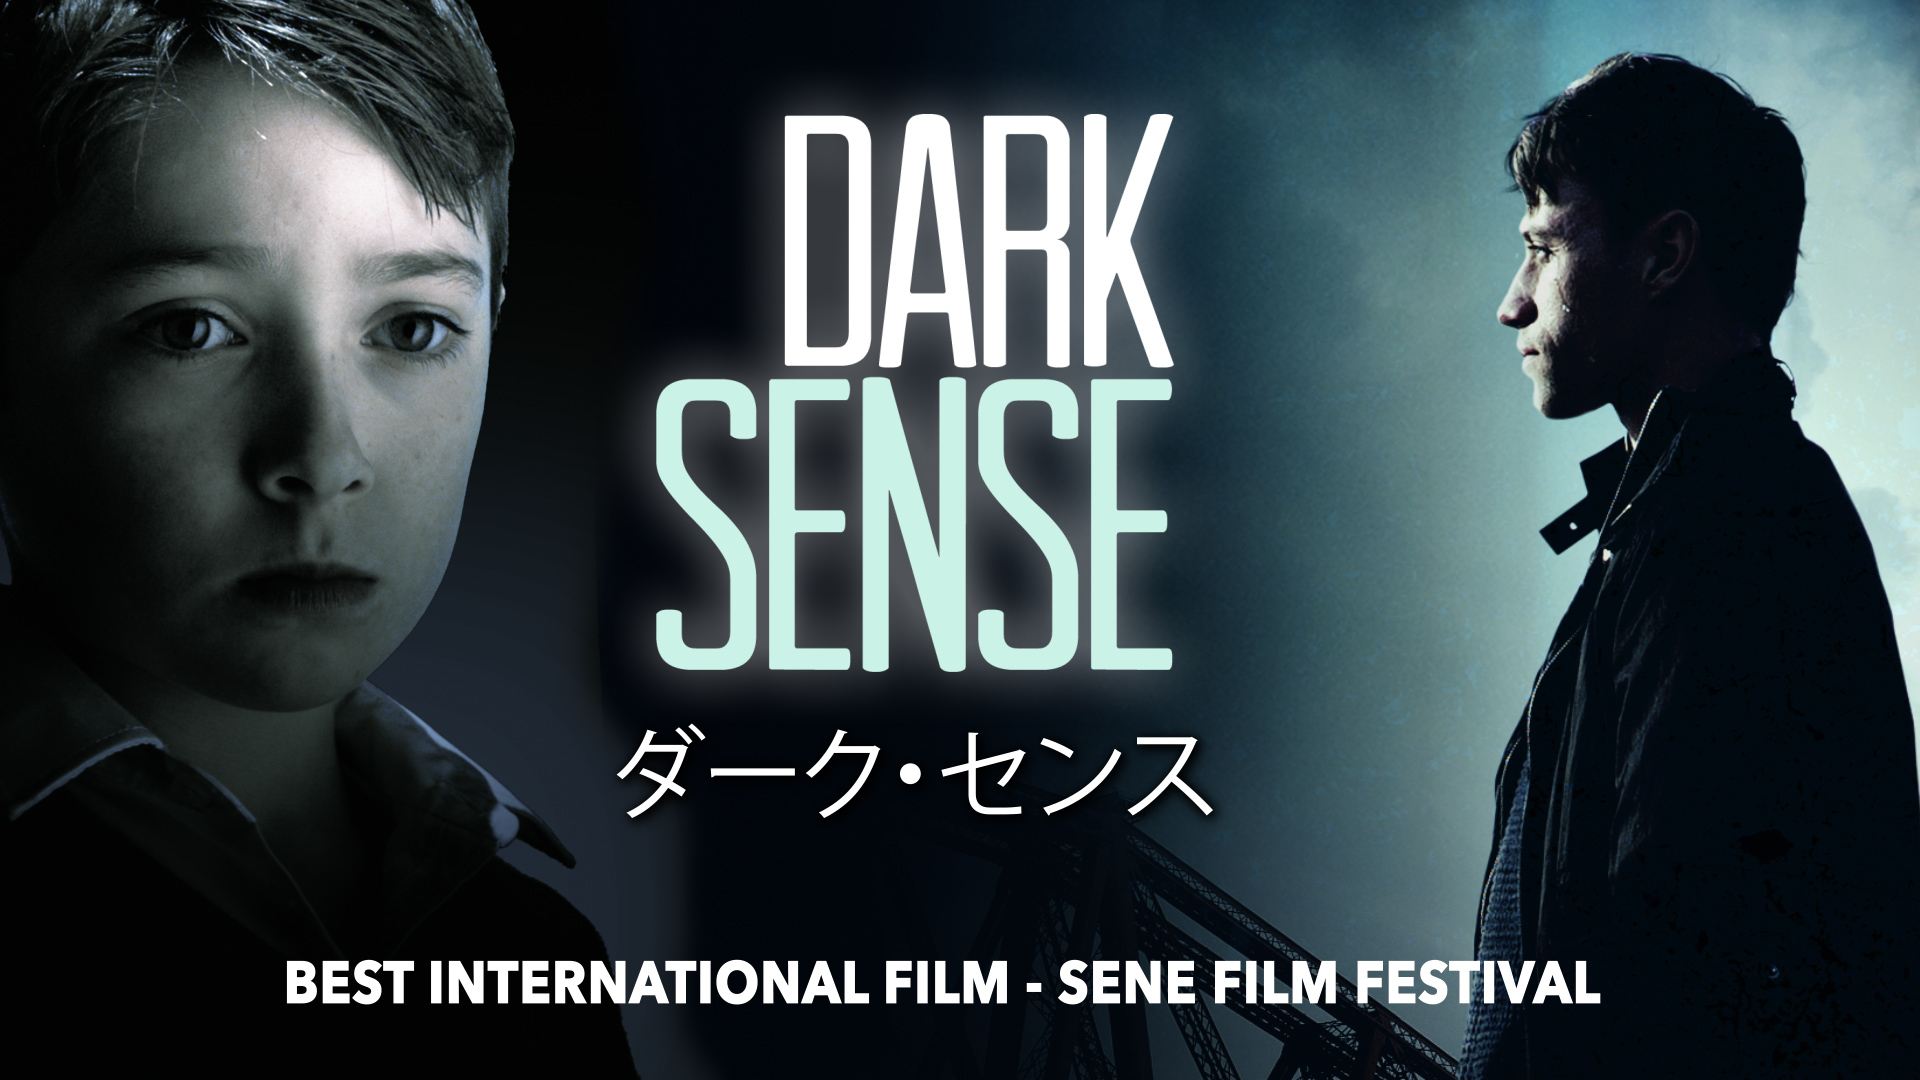 ダーク・センス (Dark Sense)